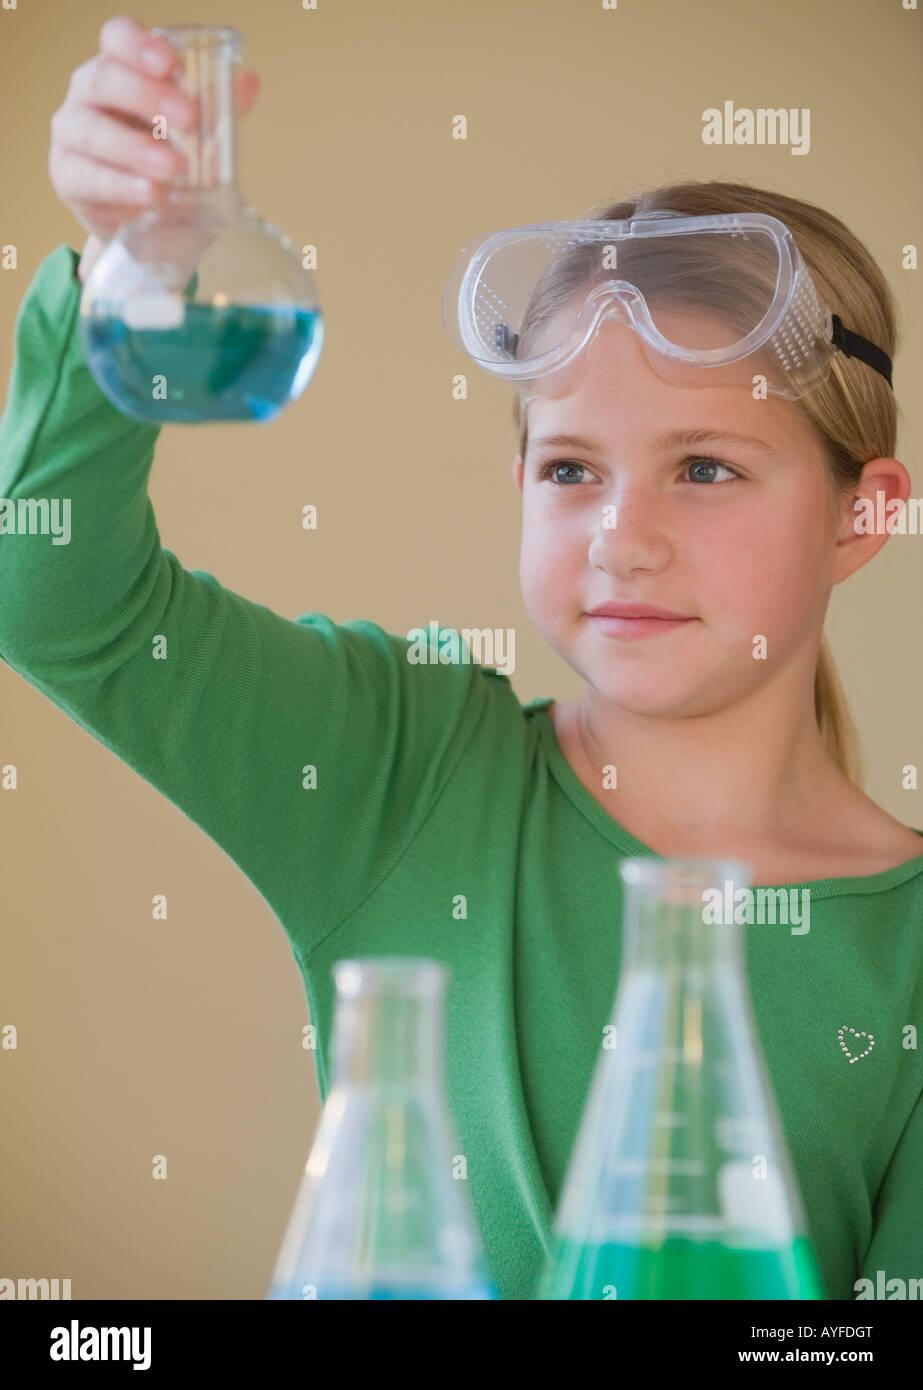 Ragazza nella classe di scienze guardando al bicchiere Immagini Stock